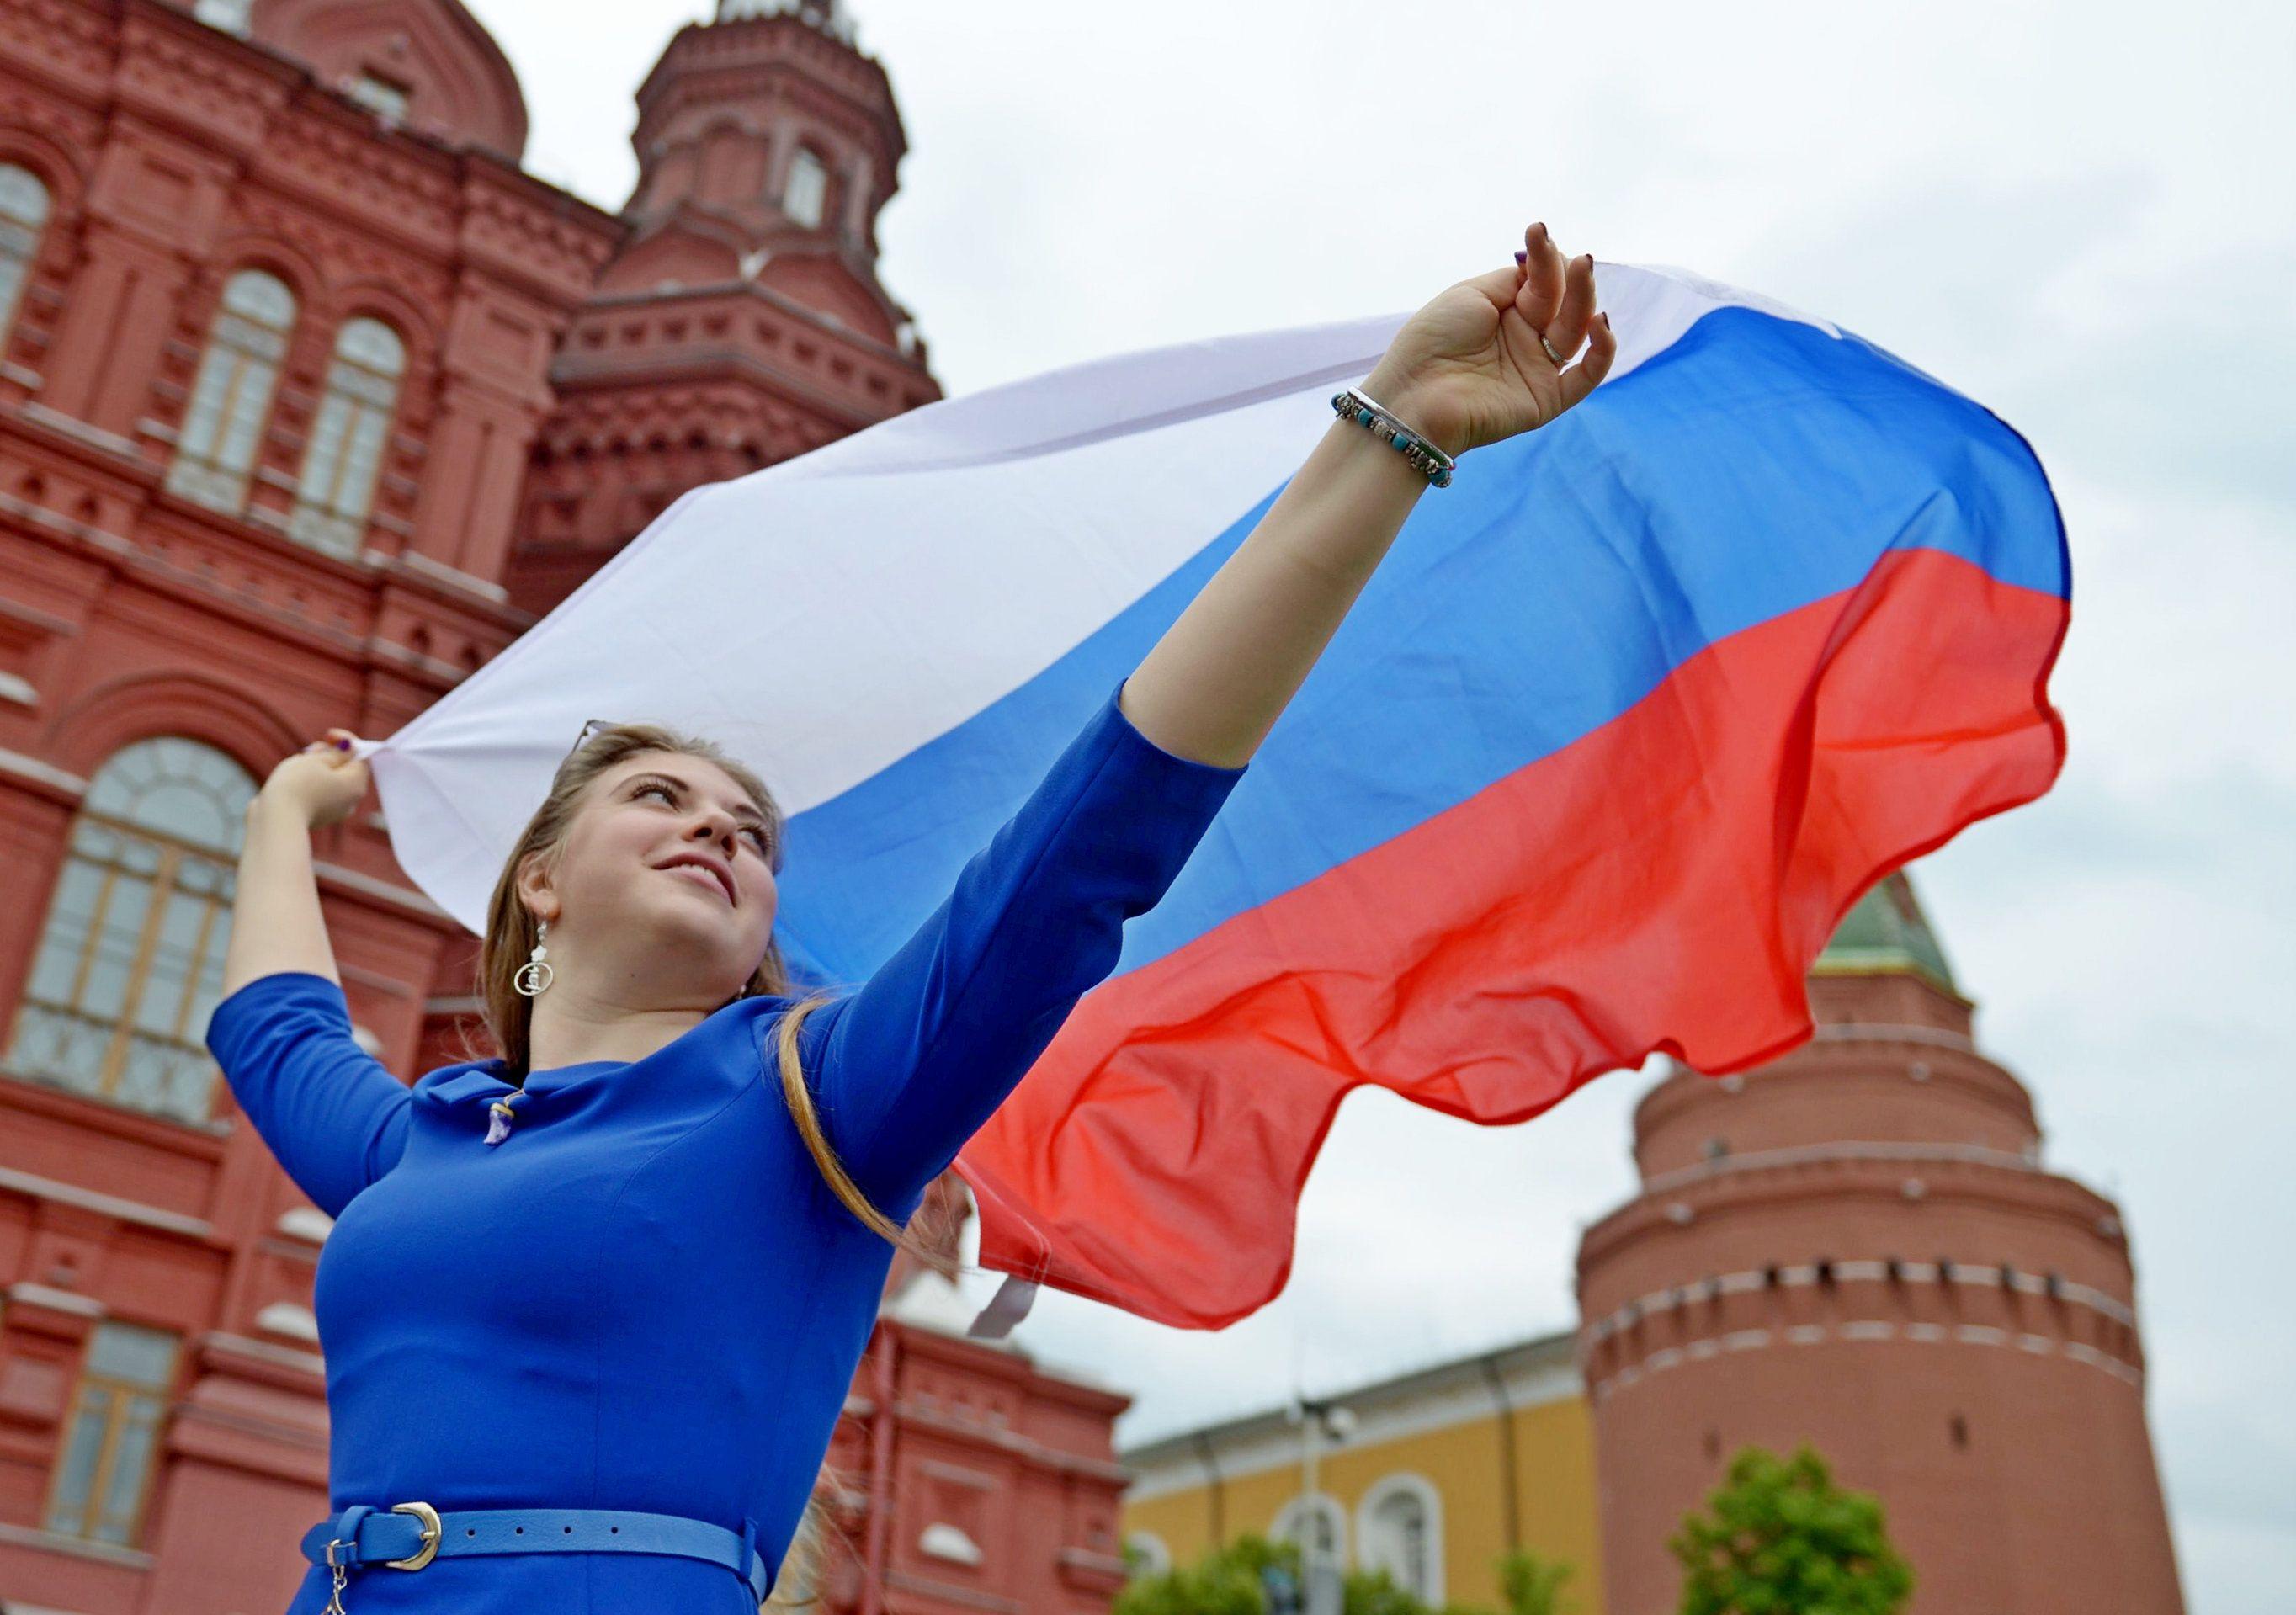 Мероприятия к Дню флага России в столице посетили почти 500 тыс человек